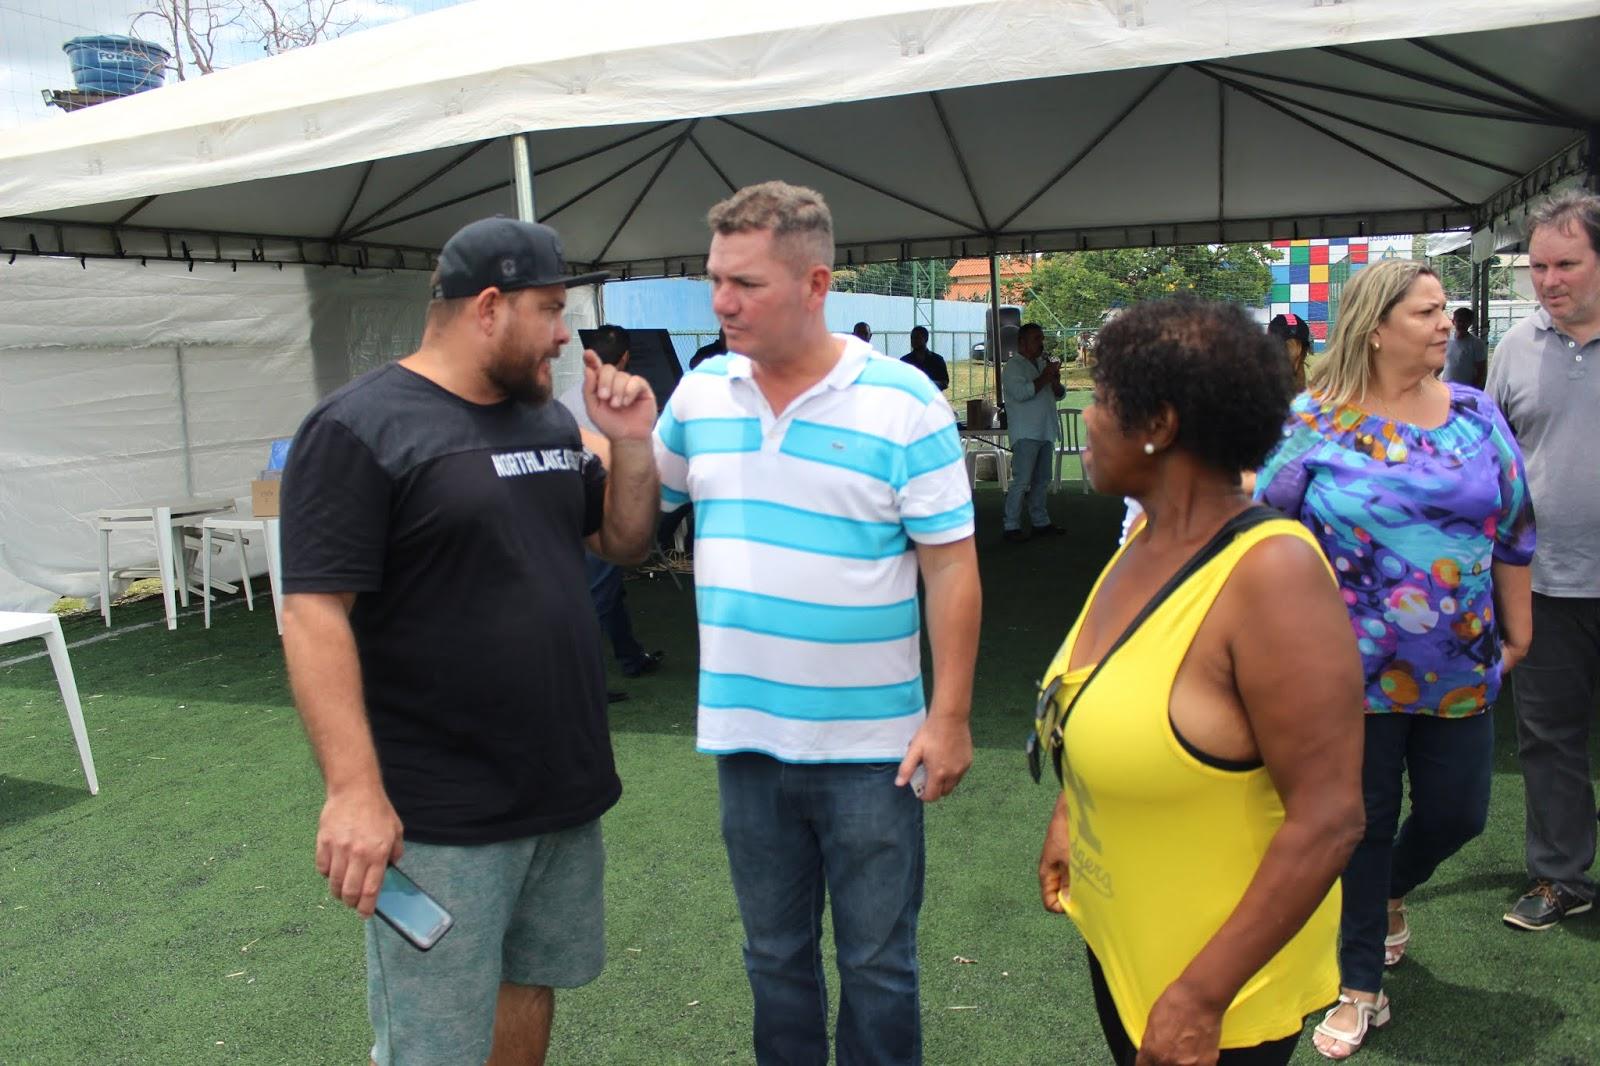 IMG 2856 - Novo administrador do Paranoá, Sergio Damasceno, começa seu primeiro dia de trabalho no Domingo ouvindo a comunidade local.